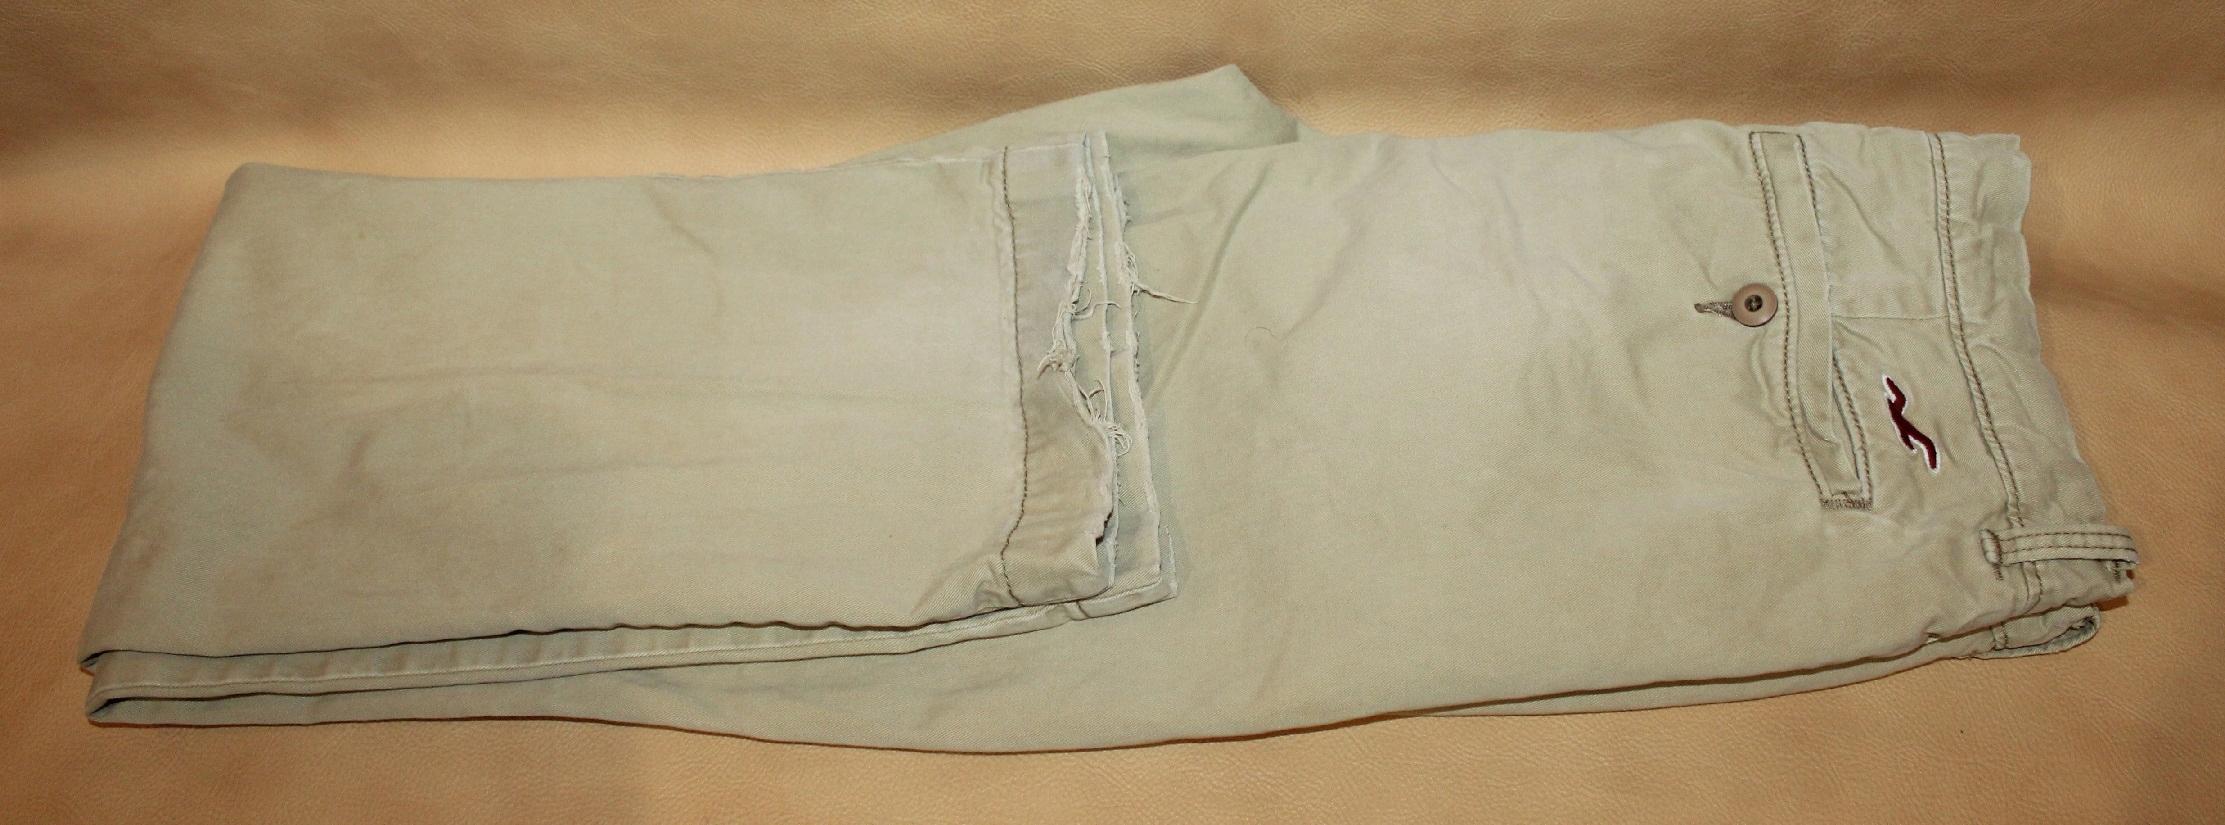 HOLLISTER spodnie rozm. W 34 L 34